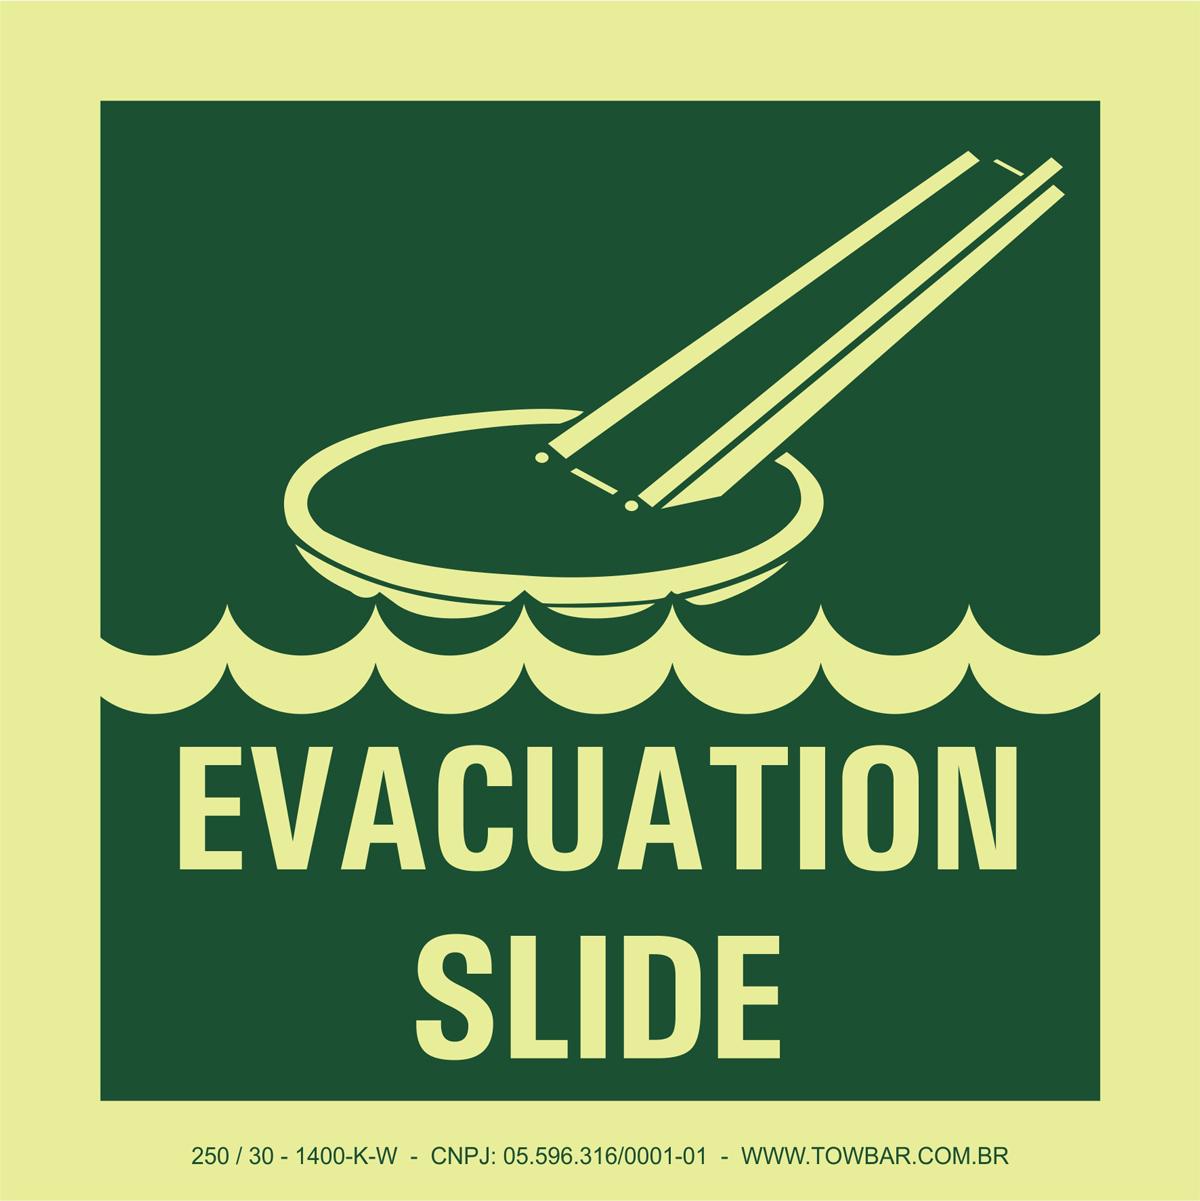 Evacuation Slide  - Towbar Sinalização de Segurança